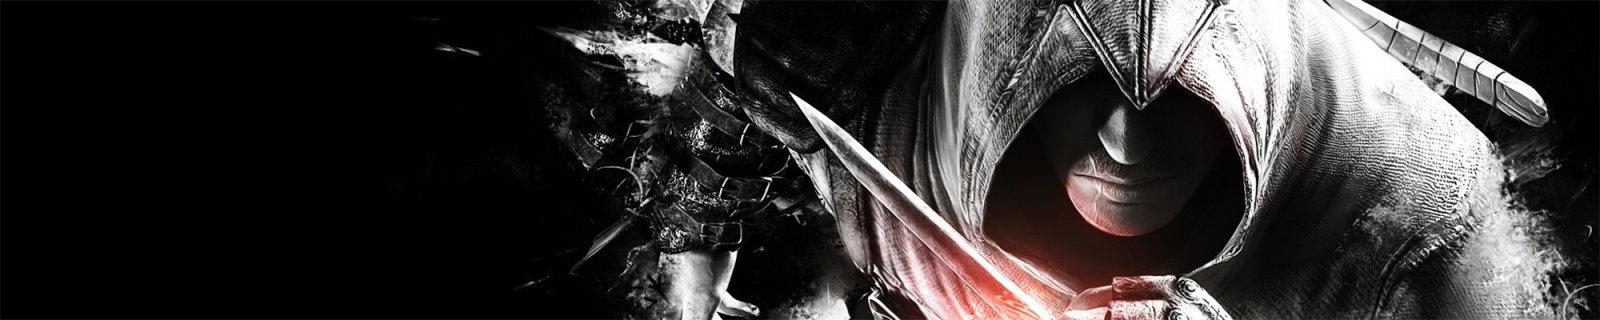 迈克·肯尼斯·威廉姆斯将参演《刺客信条》电影